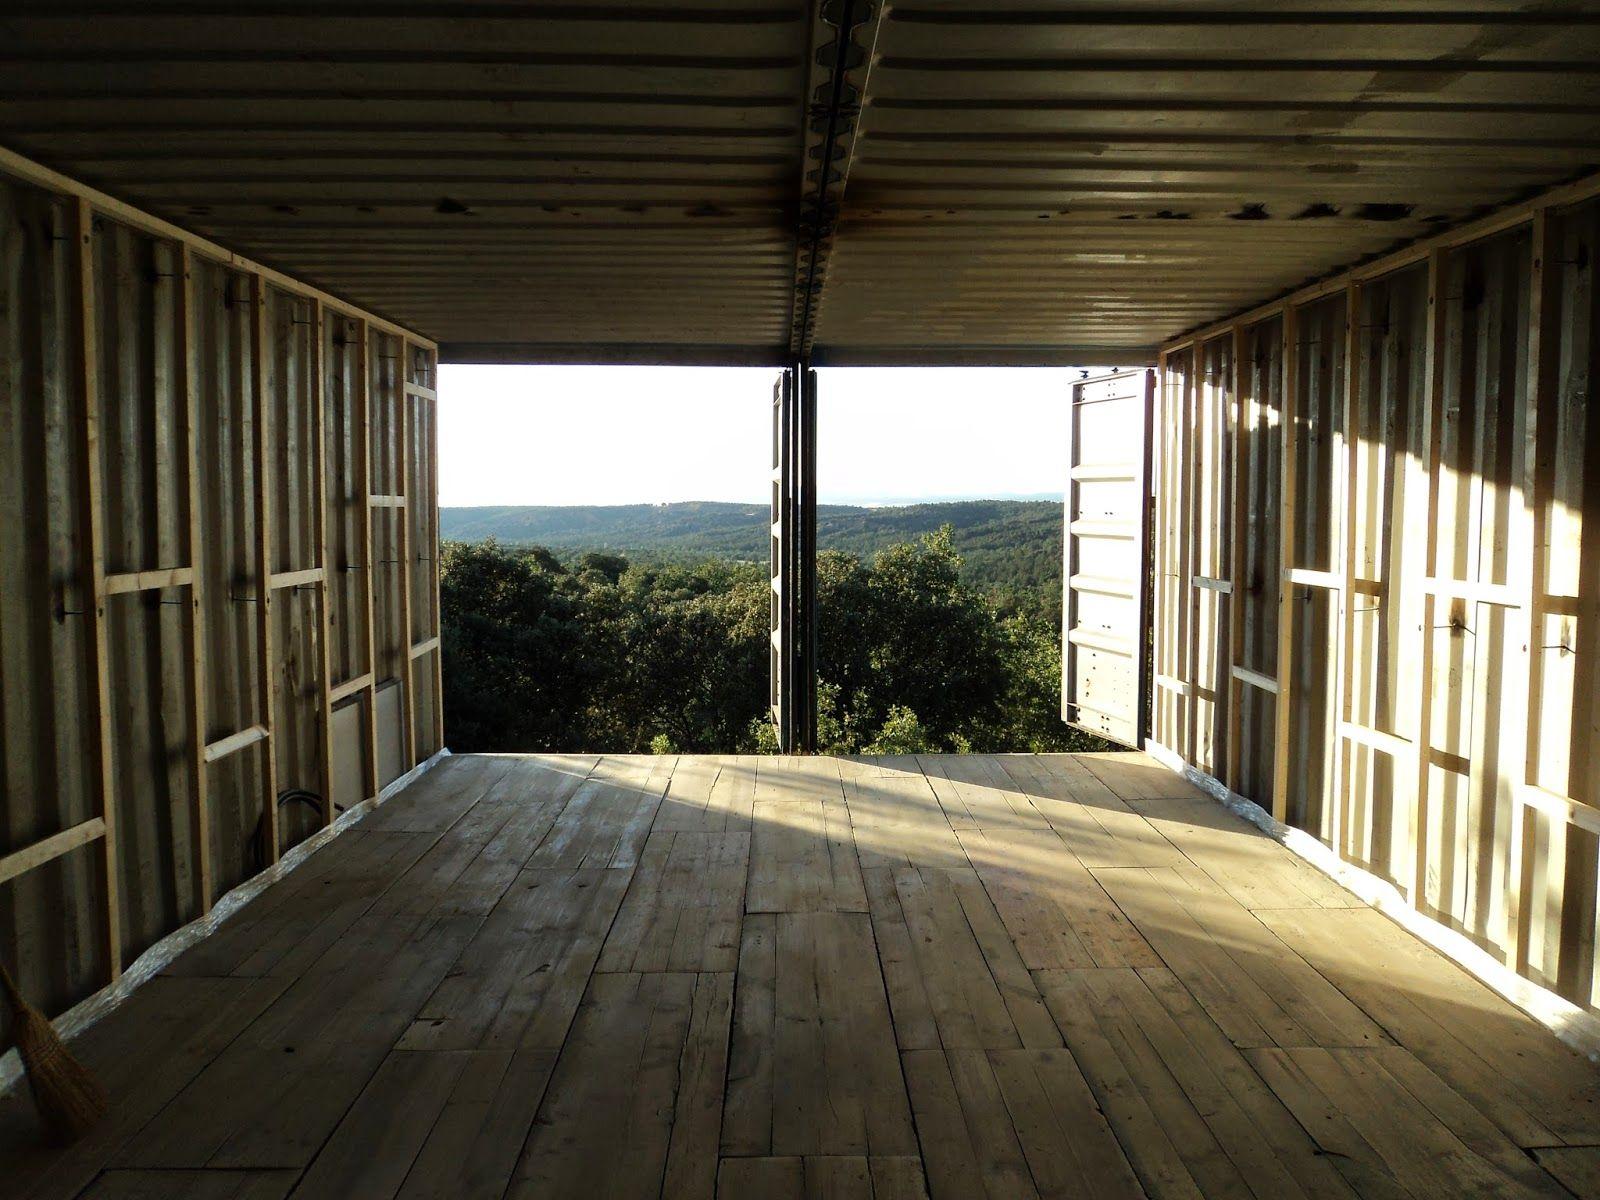 Autoconstrucci n c mo transformar un contenedor 2 parte - Transformar contenedor maritimo vivienda ...